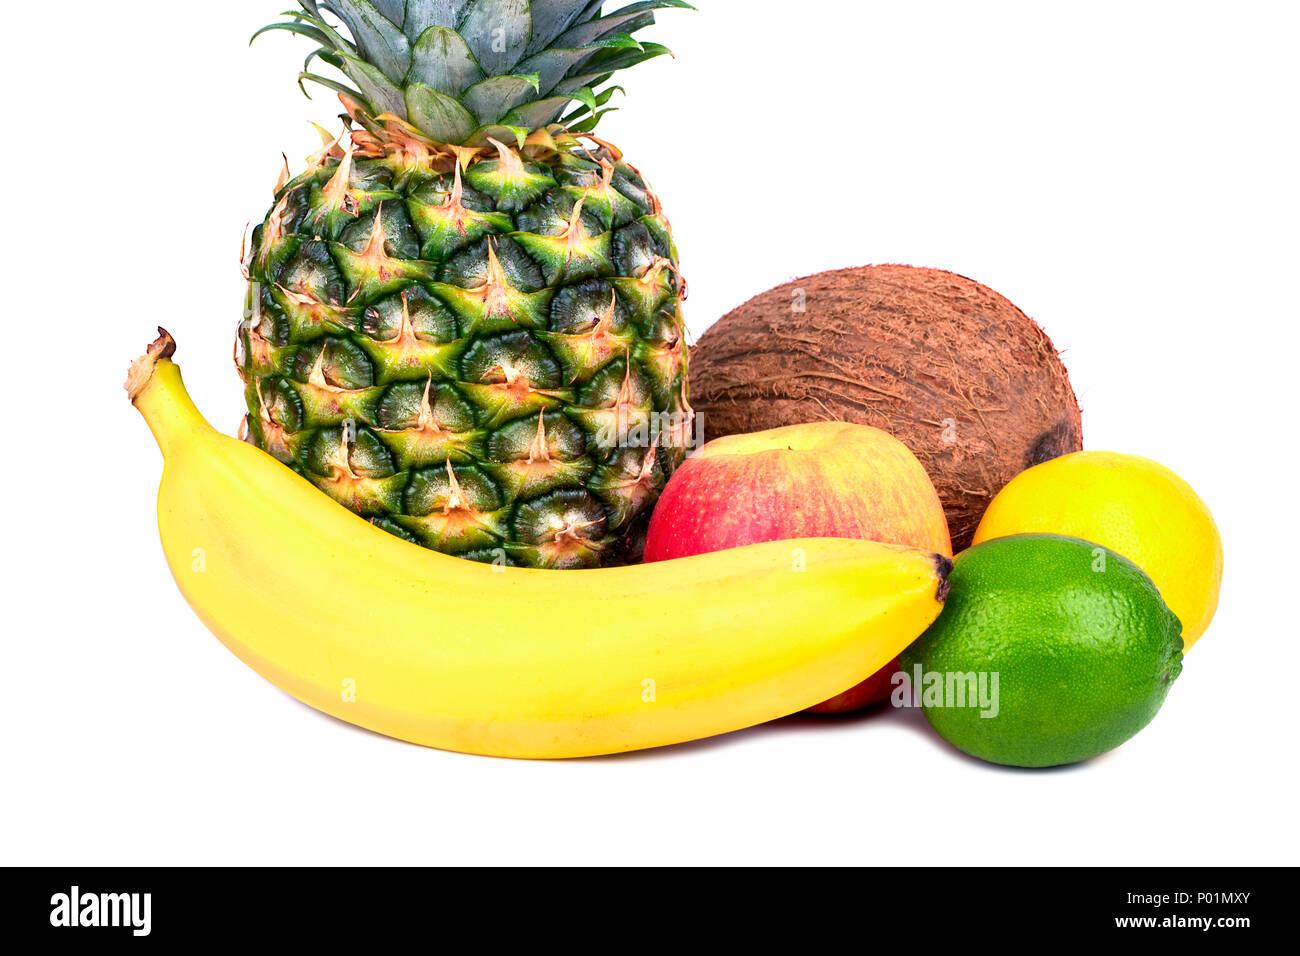 Tropische Früchte wie Bananen, Ananas, Kokos, Zitrone, Limette, auf weißem Hintergrund Stockbild